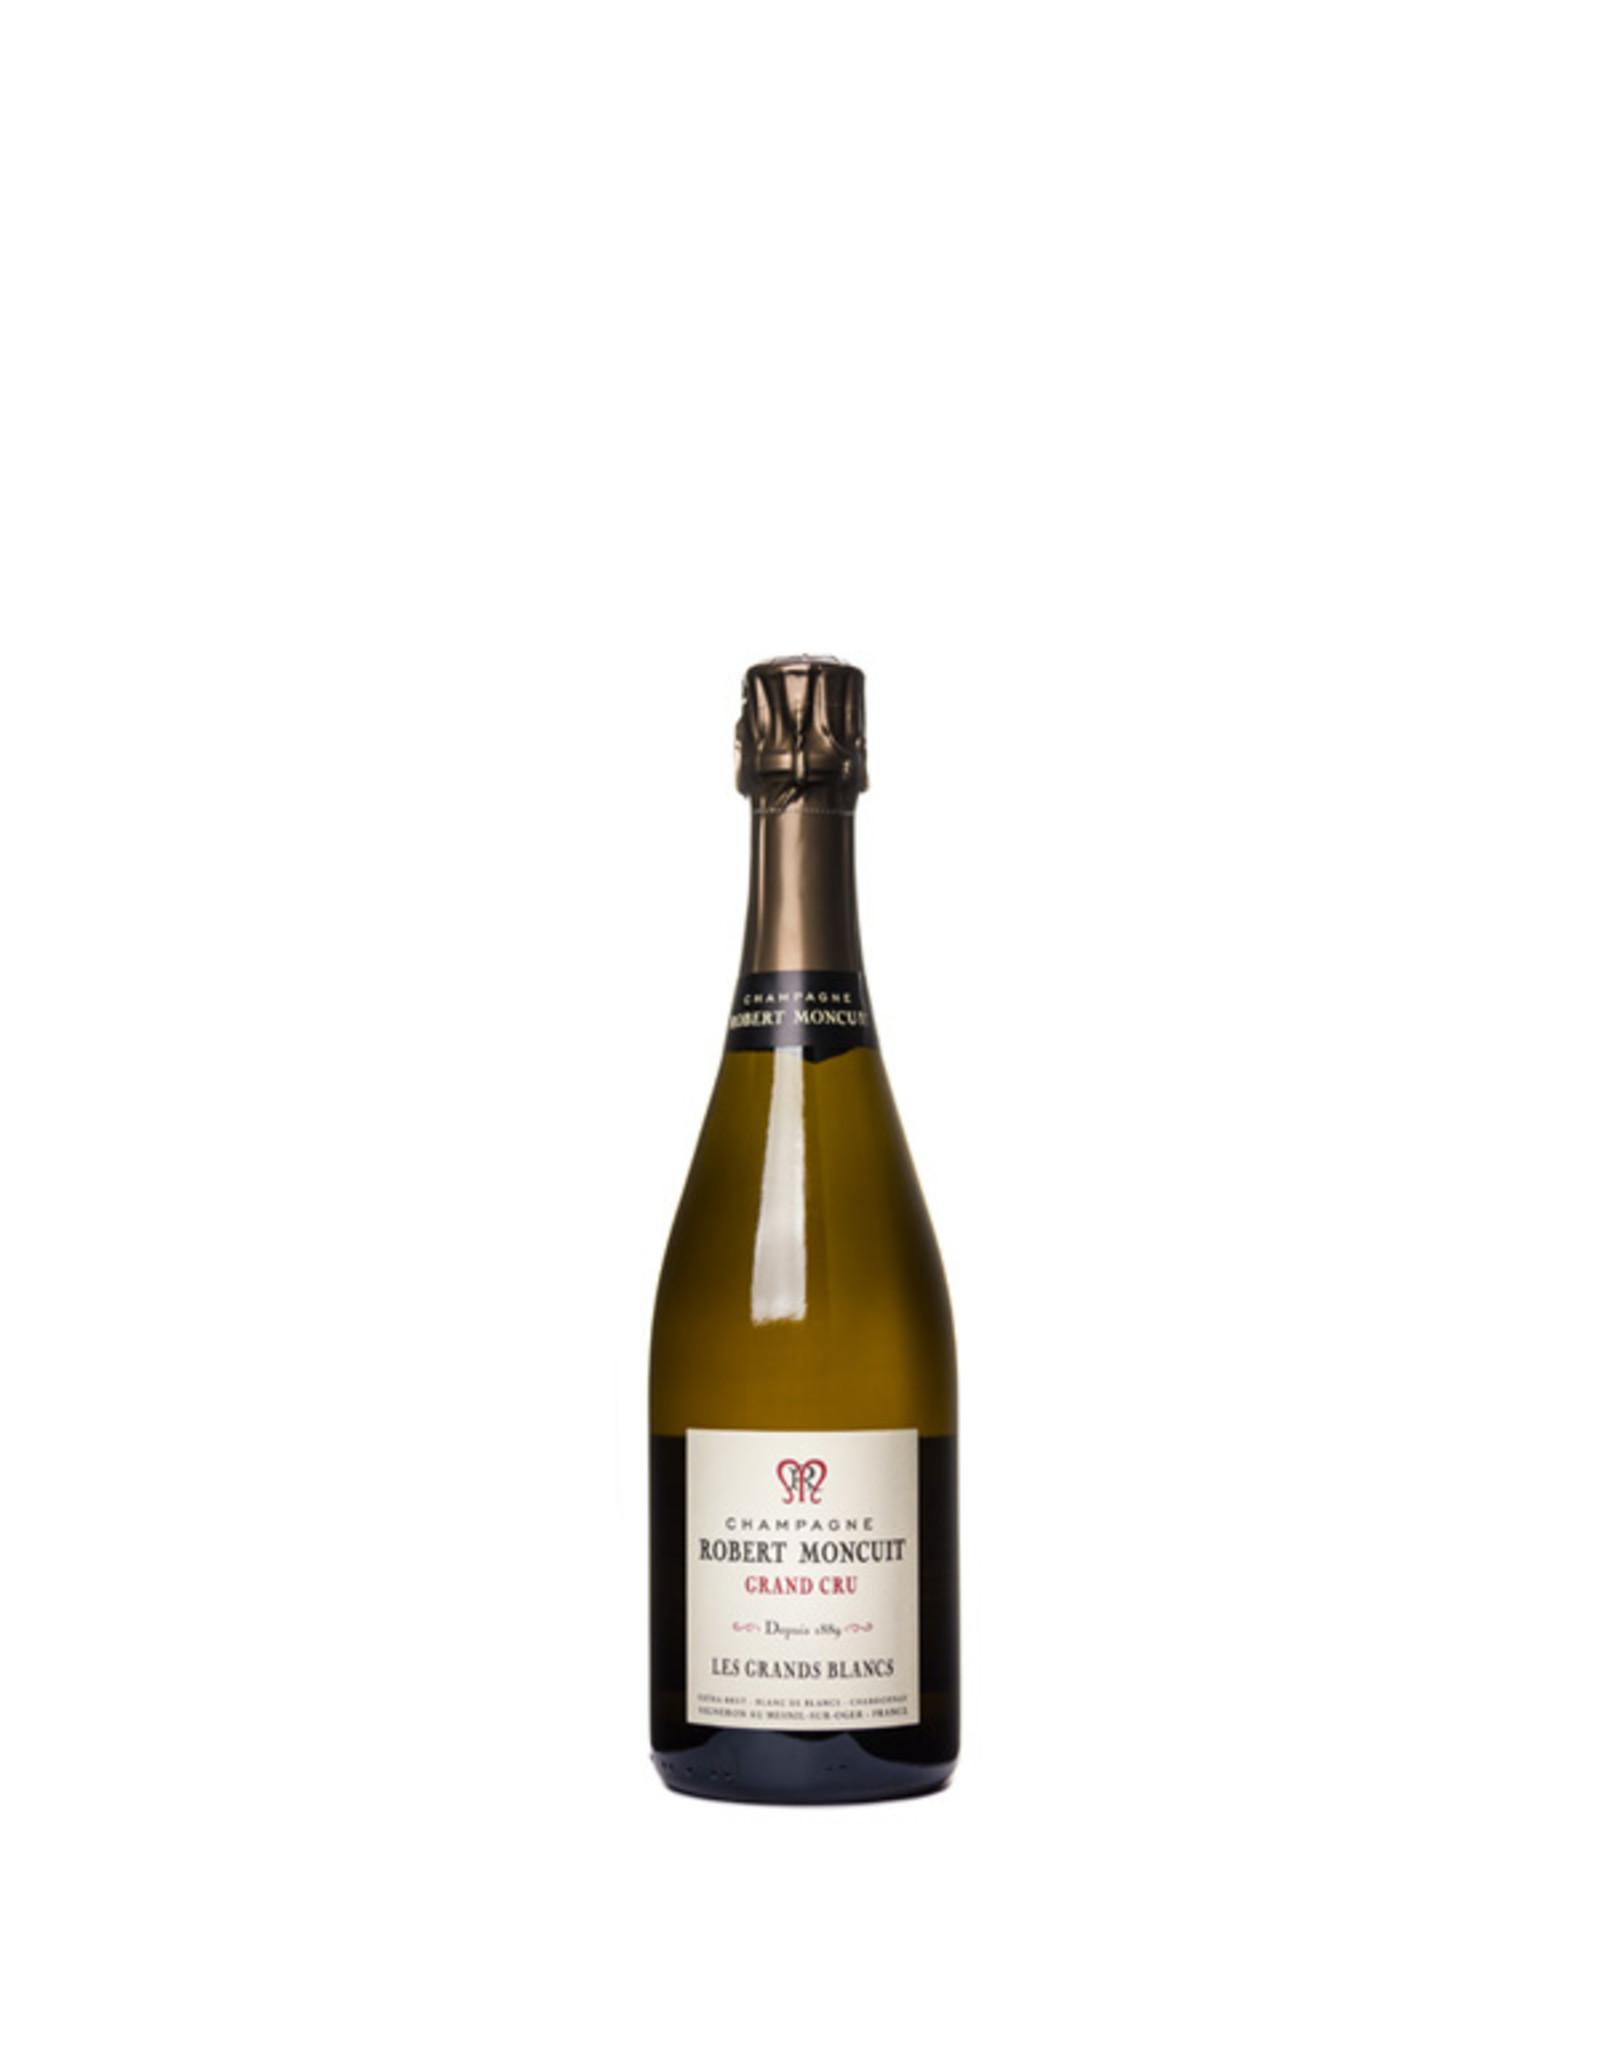 Champagne Robert Moncuit, Le Mesnil-sur-Oger Robert Moncuit Grands Blancs half